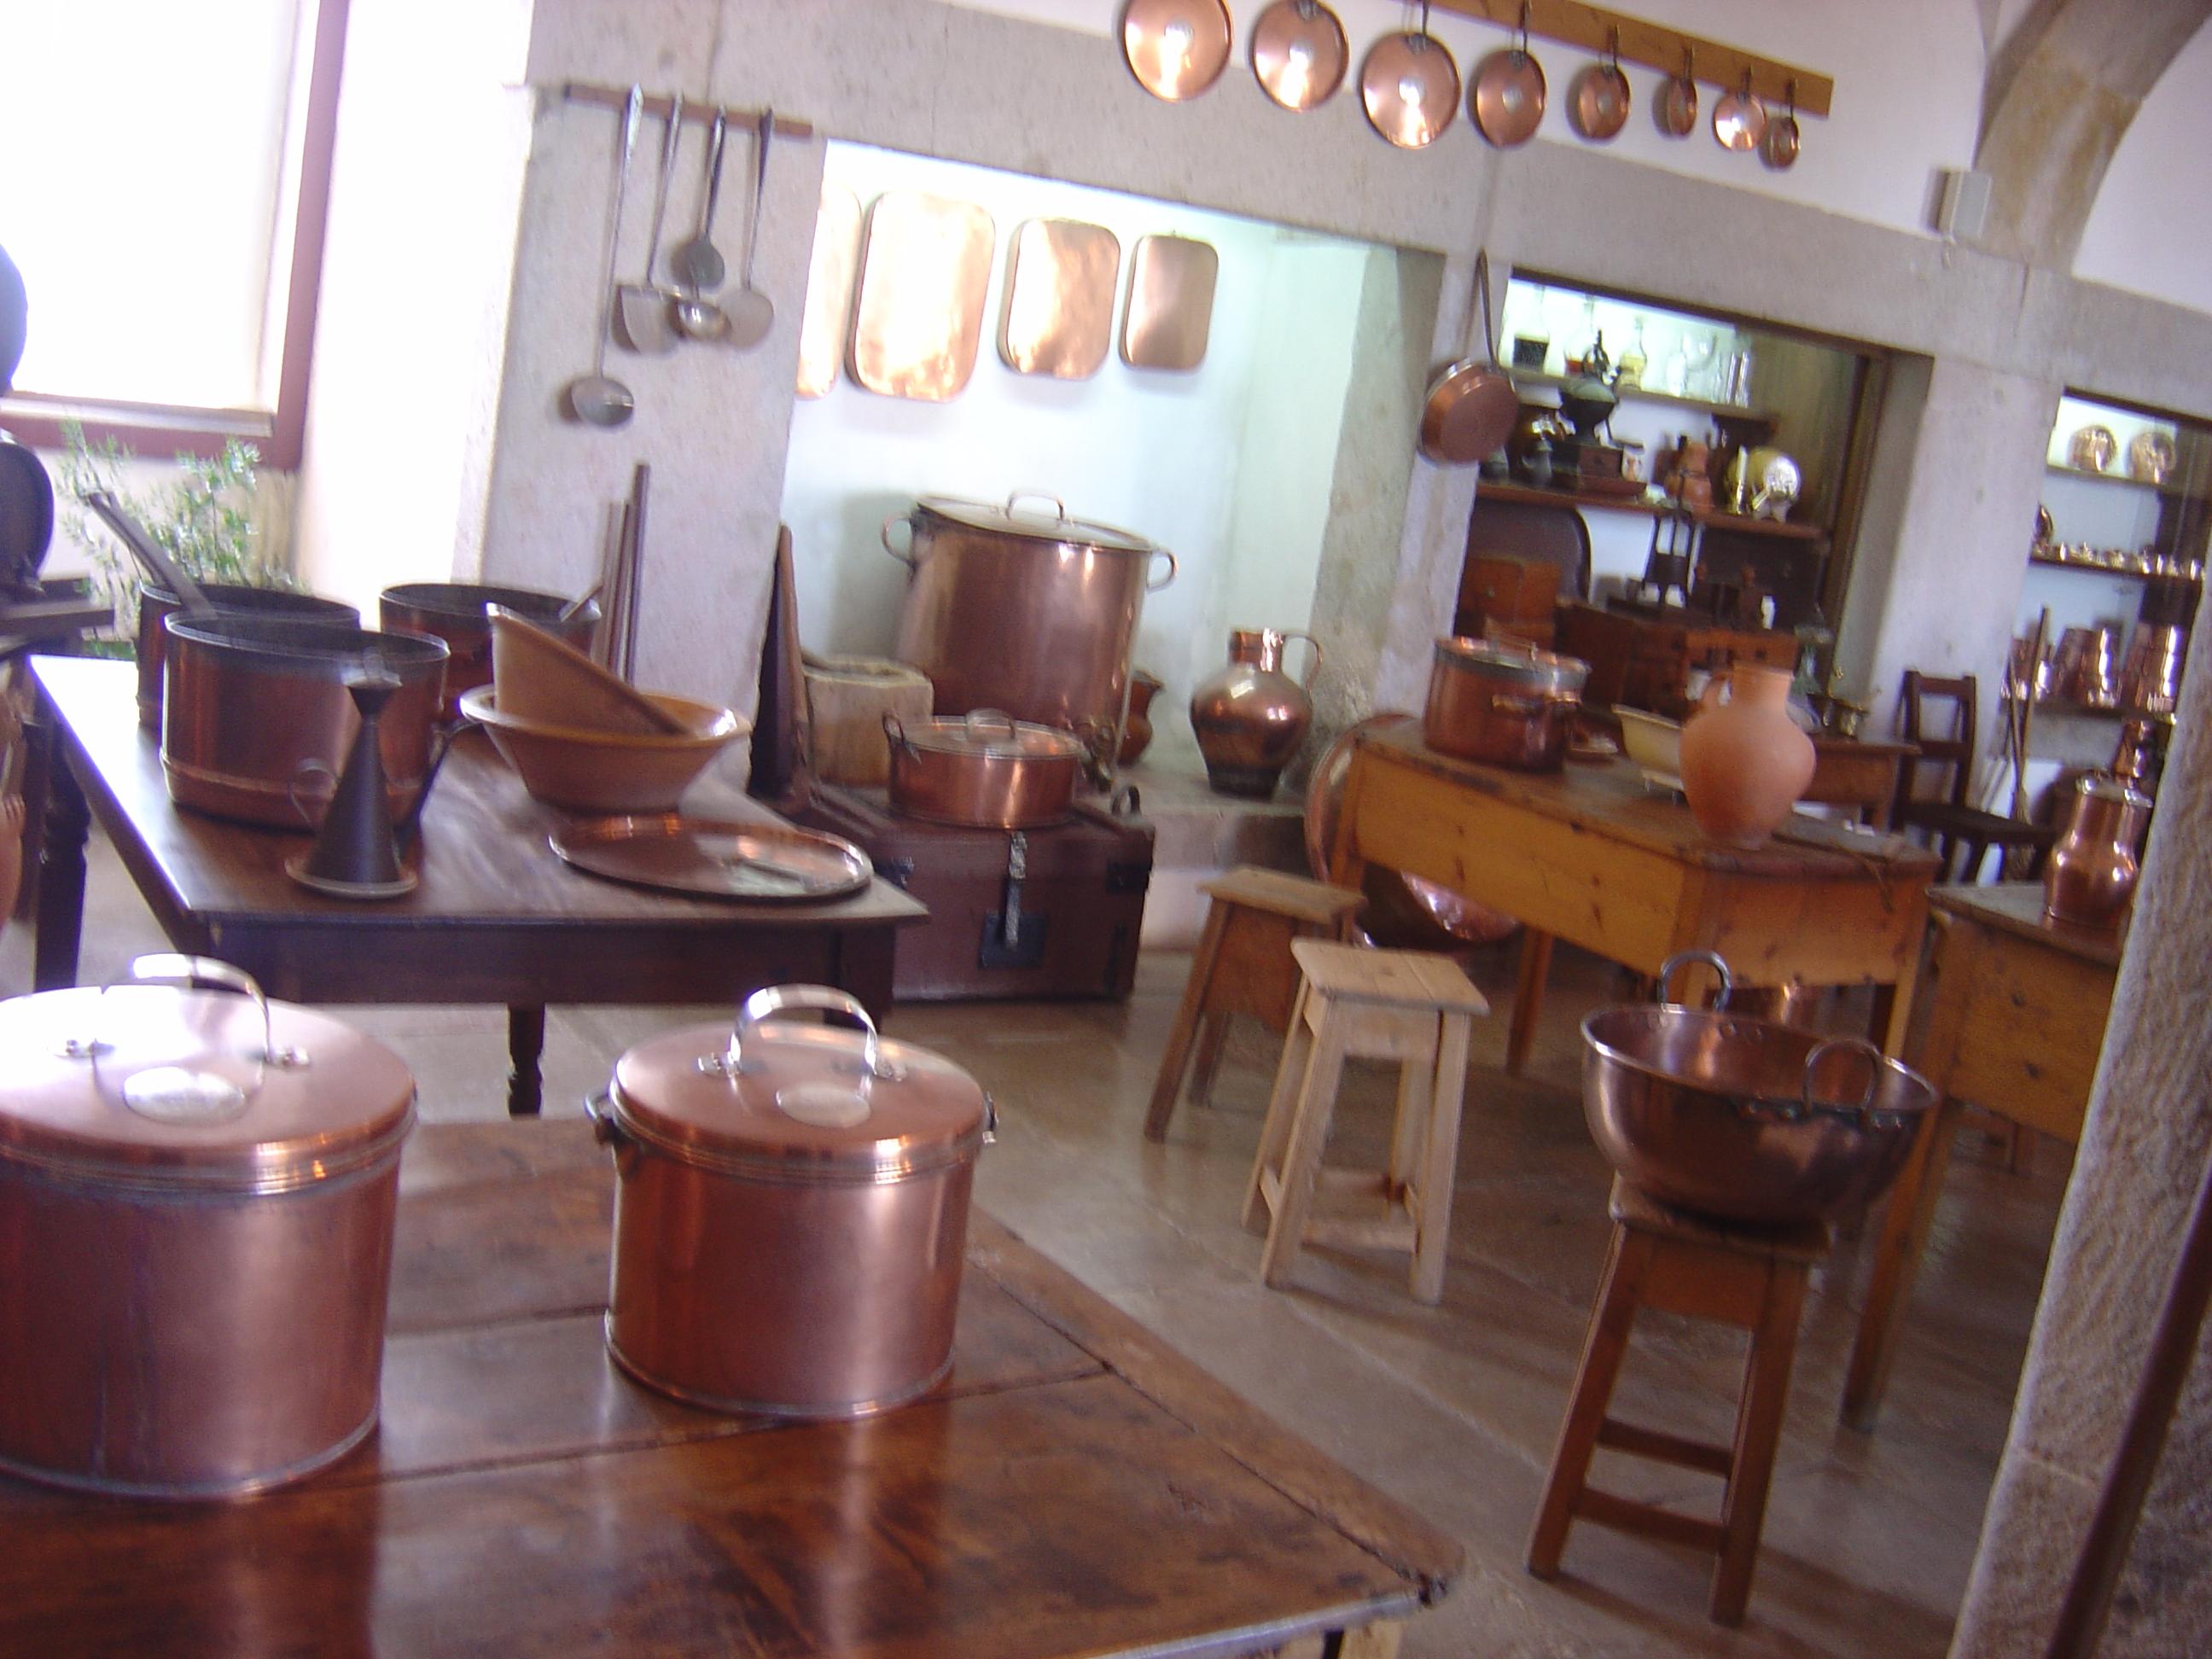 File:Pena Palace kitchen.JPG - Wikimedia Commons